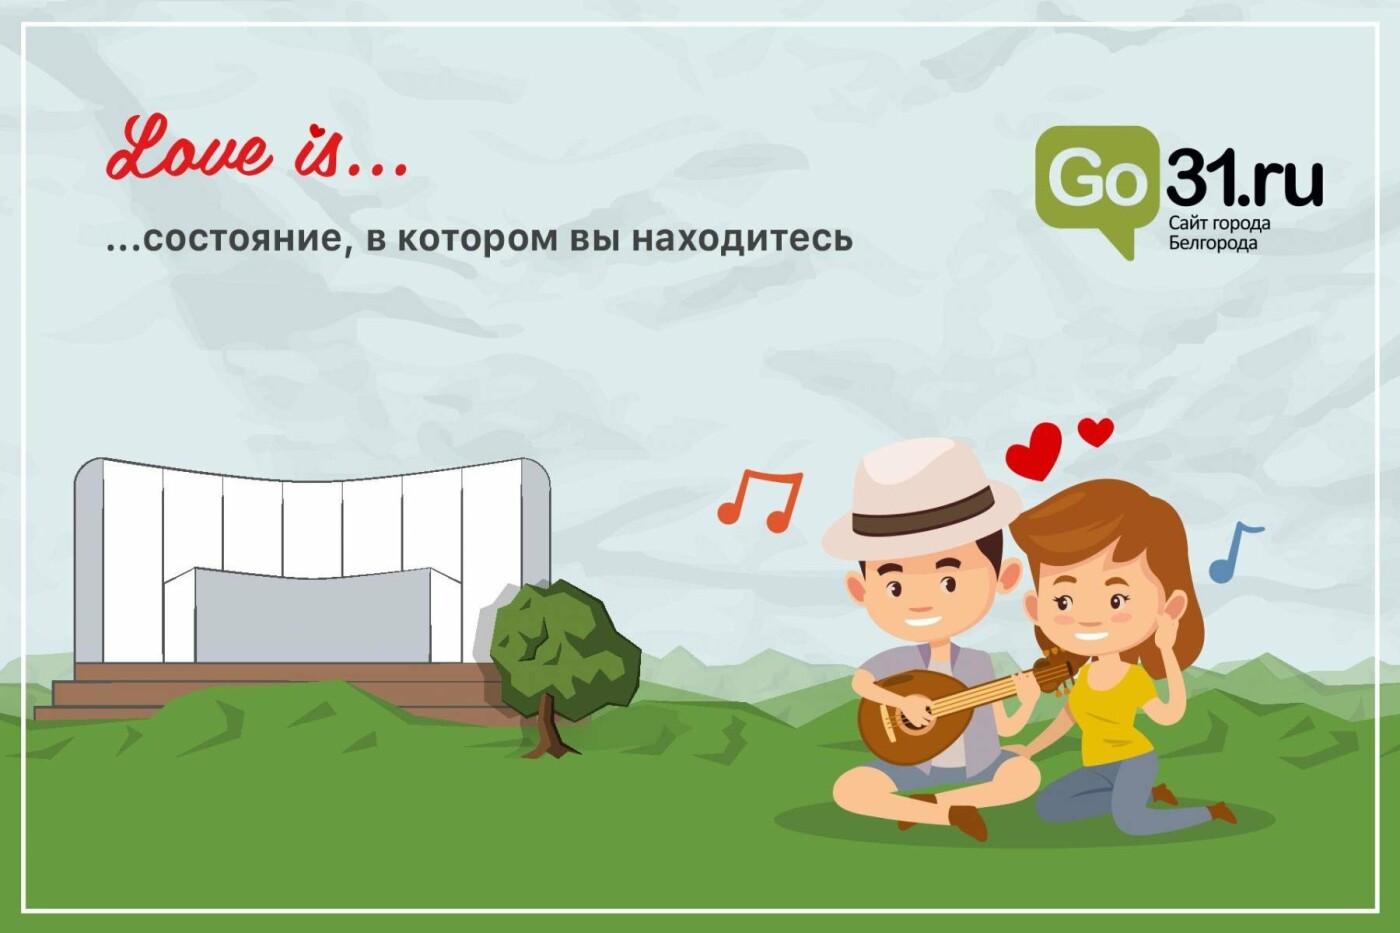 «Бросал дважды на 14 февраля». Как белгородцы празднуют День святого Валентина , фото-3